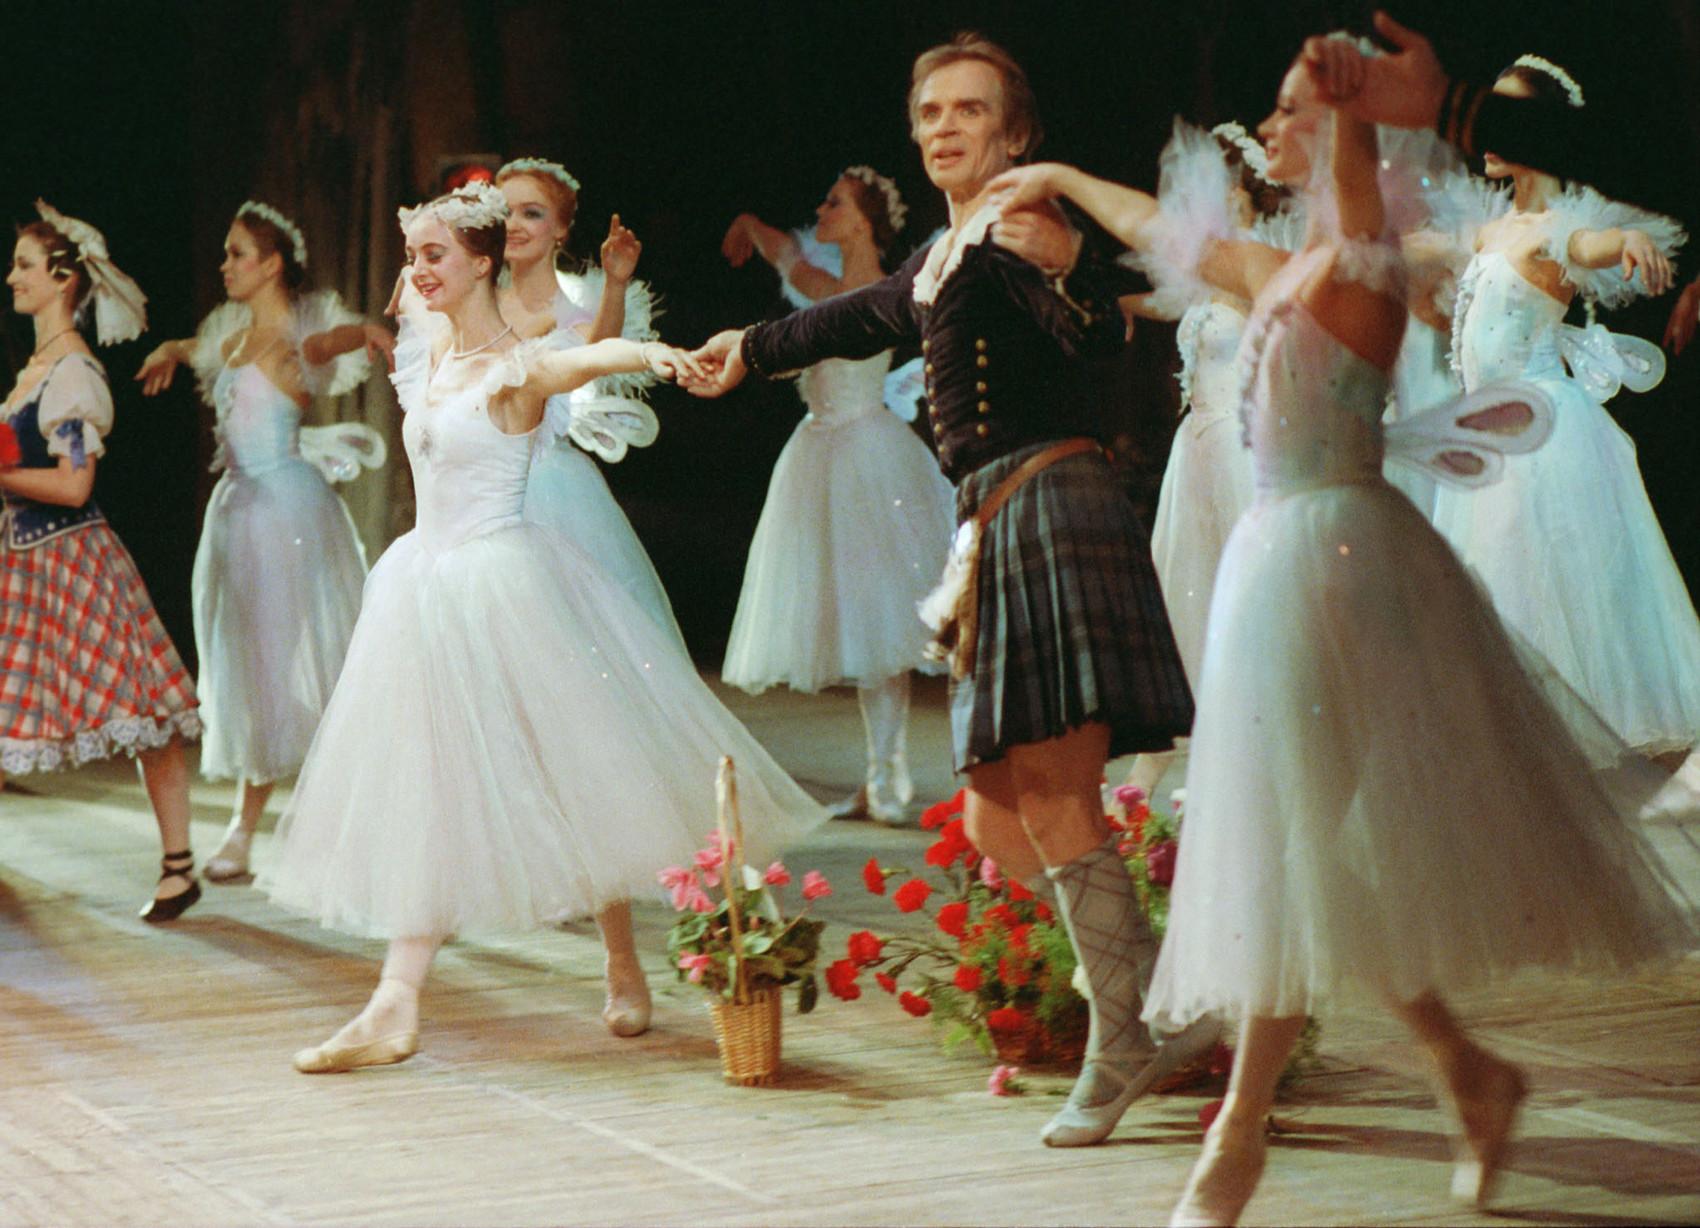 故郷を去ってから30年後の1989年に、ヌレエフはレニングラードを訪れ、キーロフ劇場で踊った。